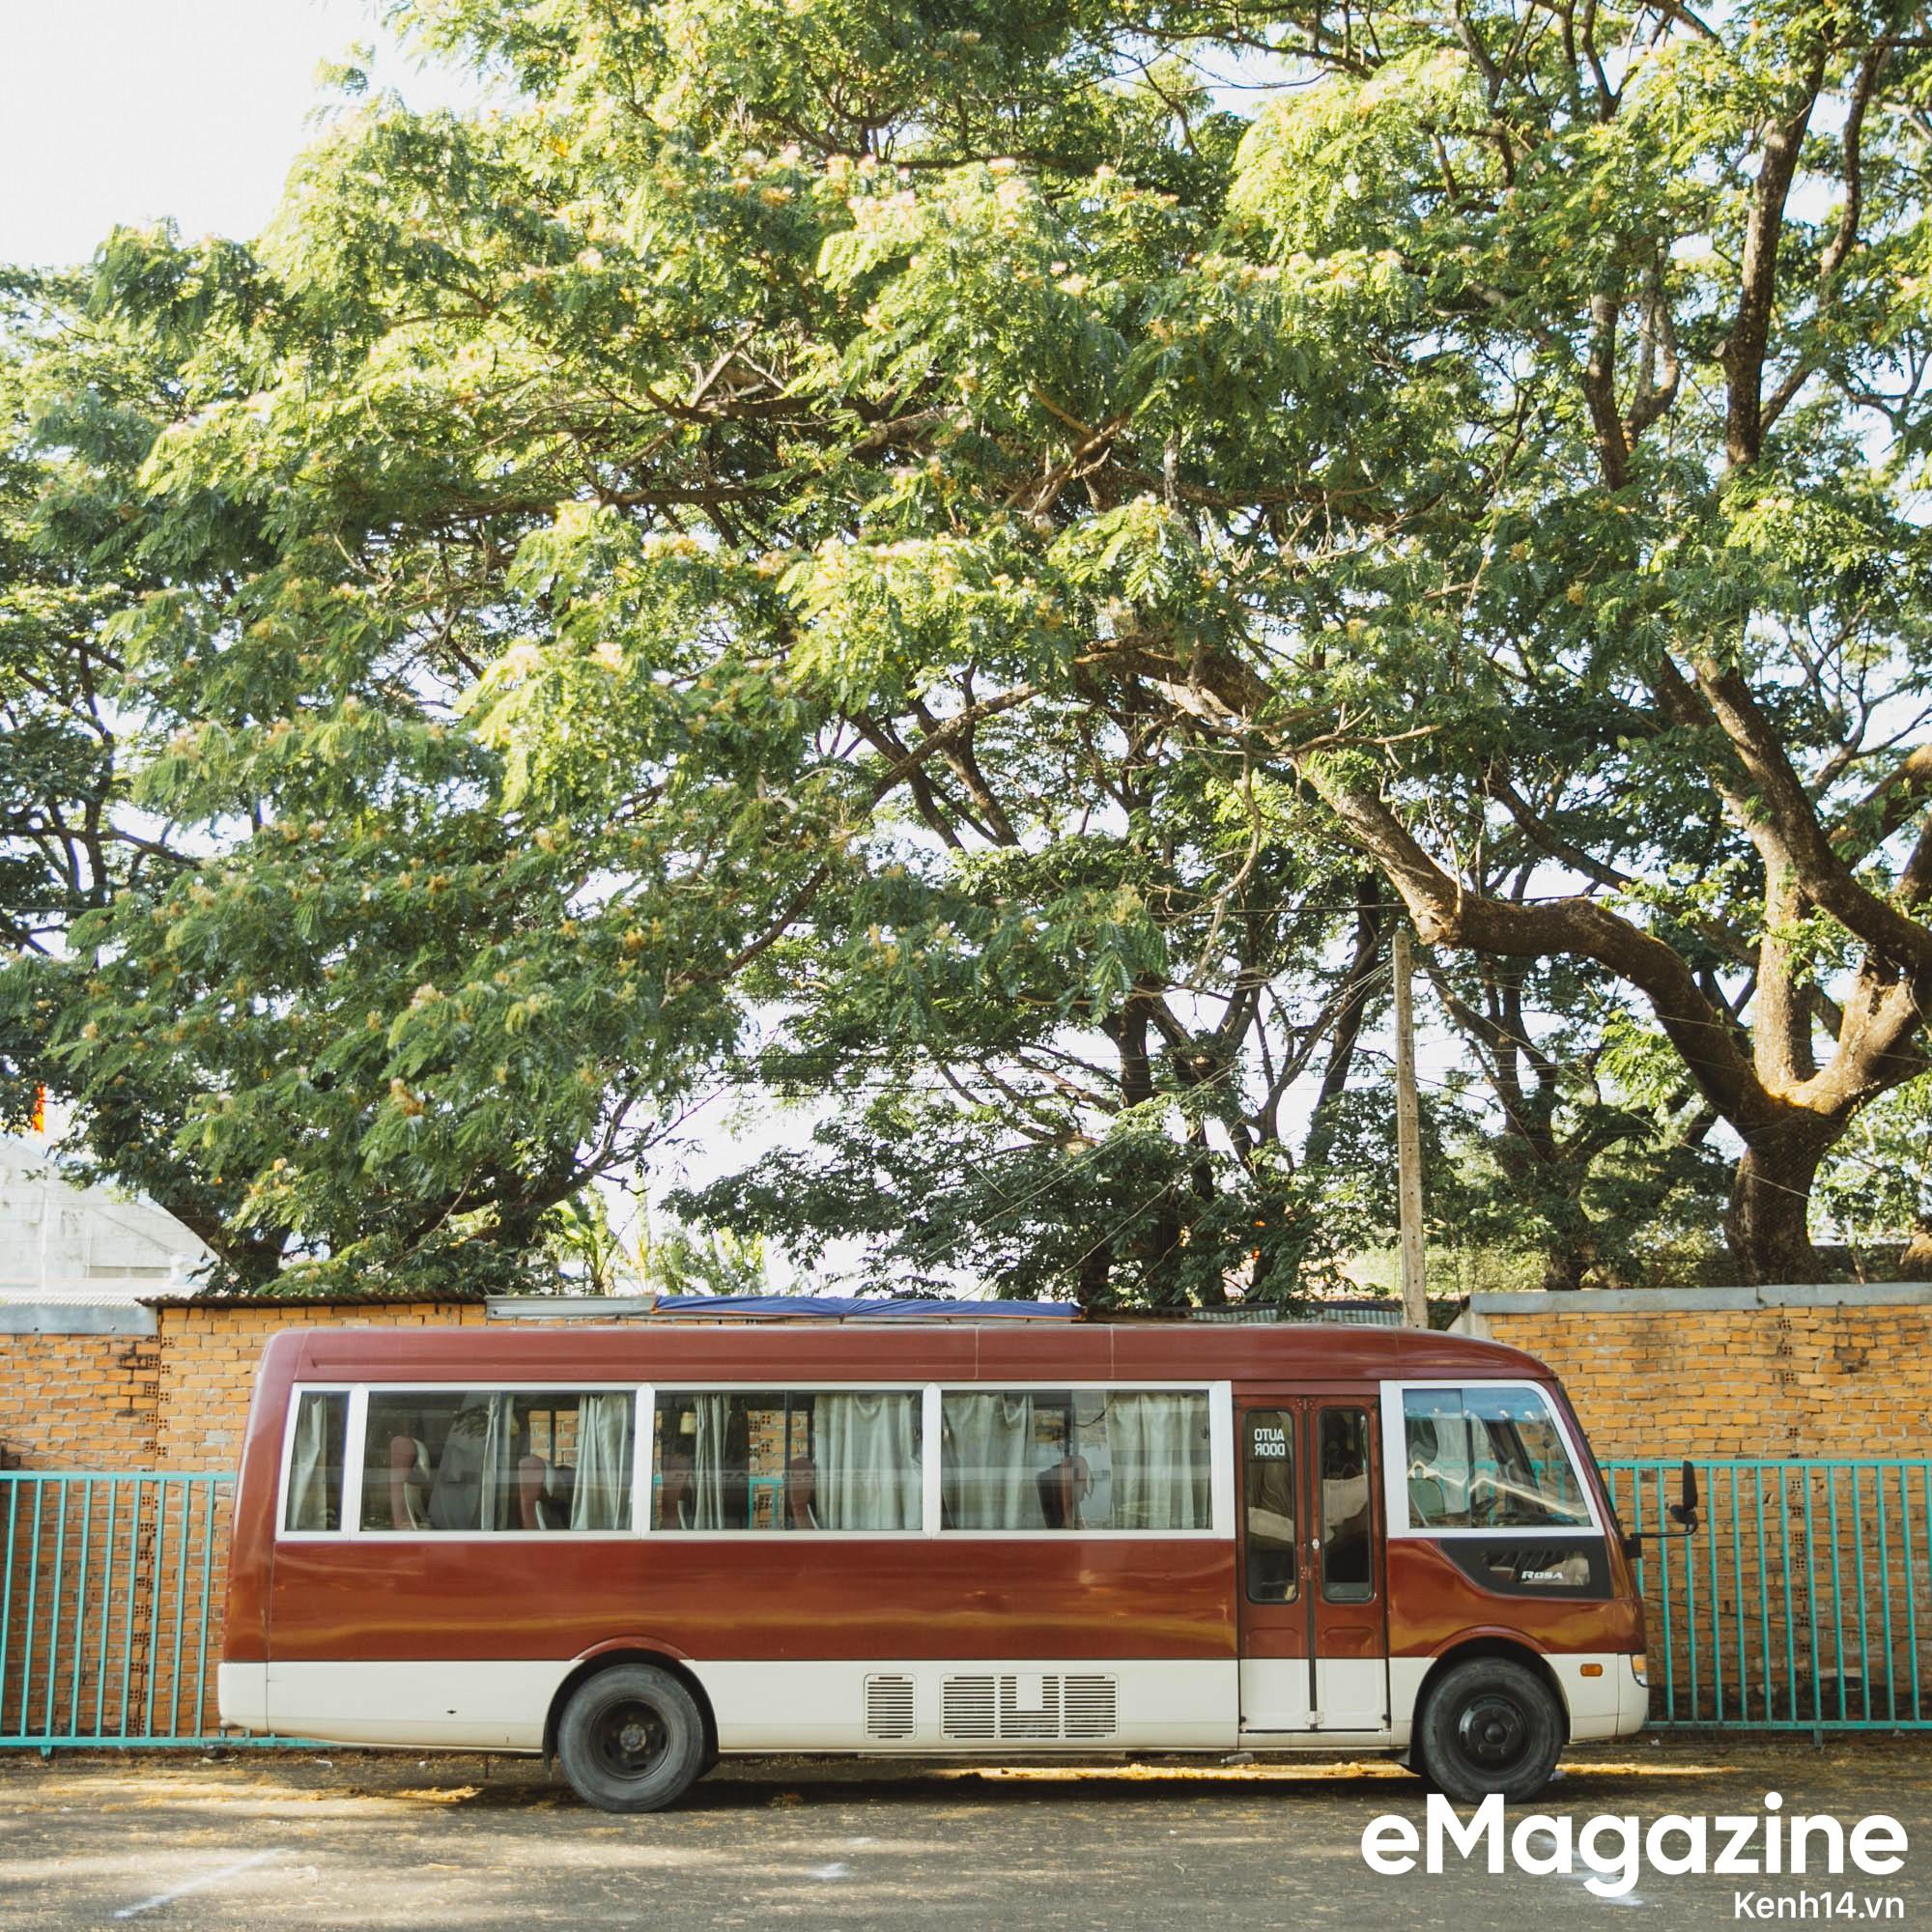 Nếu thích một nơi lạ lẫm, để ngắm Việt Nam hùng vĩ hoang sơ thì hè này hãy ghé thăm Đắk Lắk - Ảnh 7.